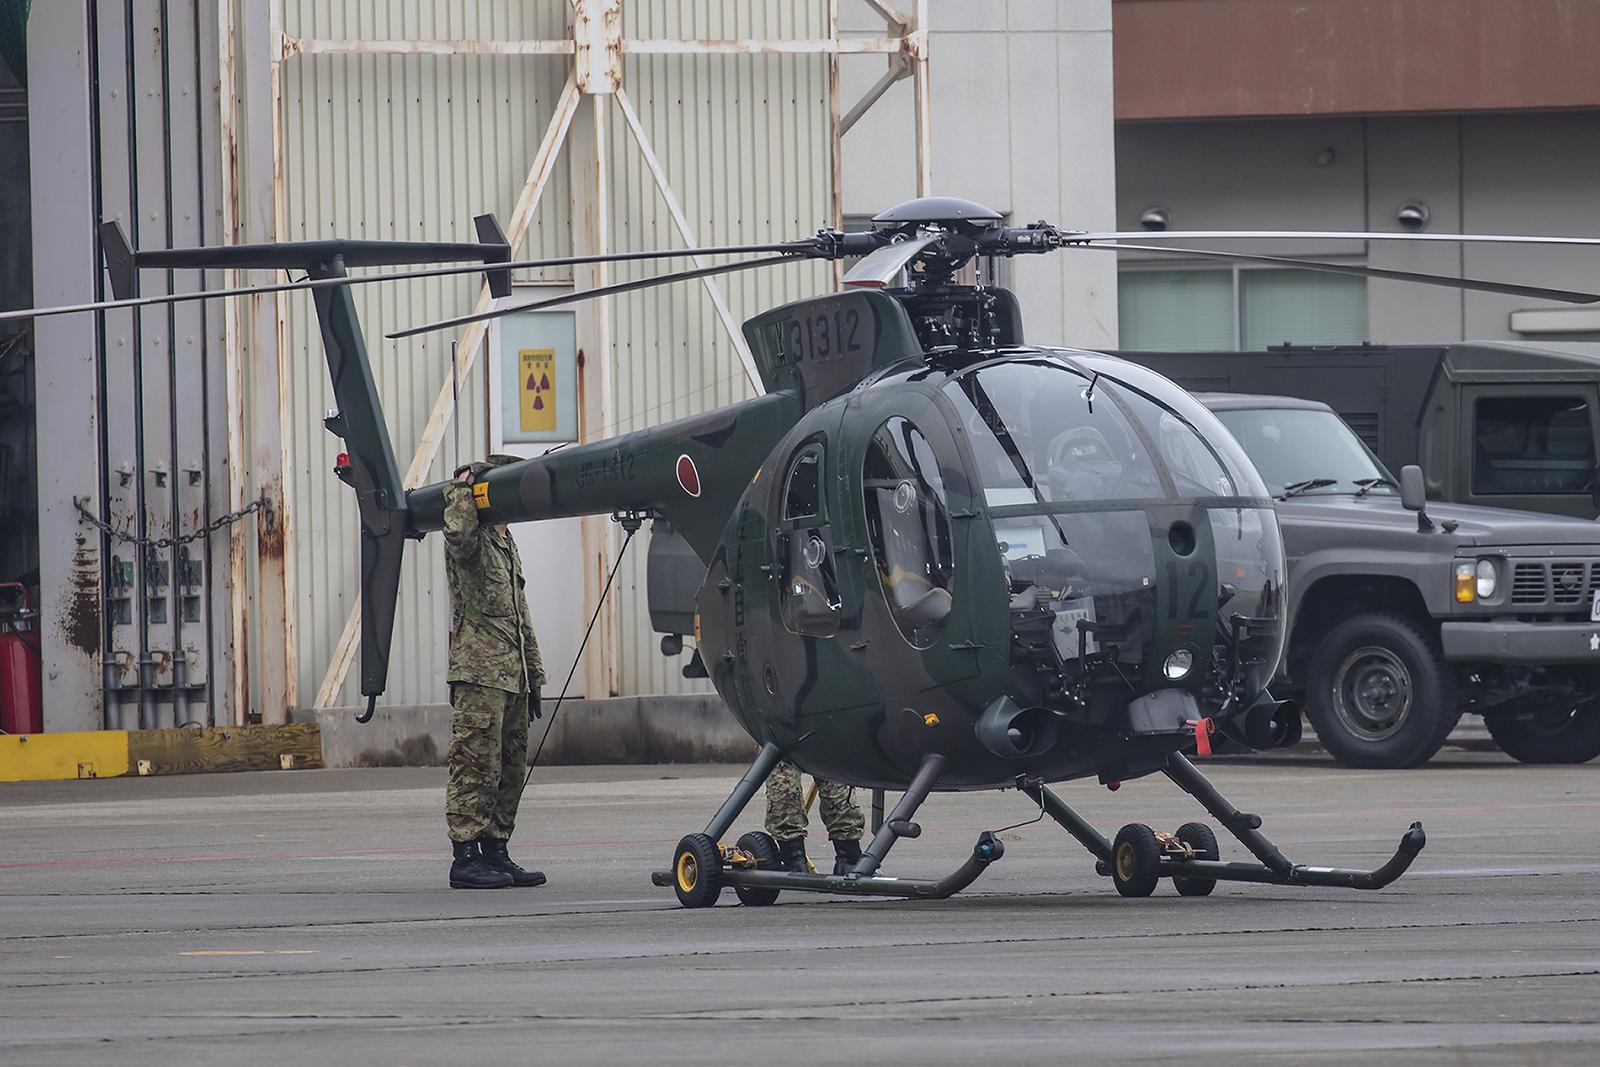 Am meisten hat mich der OH-6 mit seiner Geschwindigkeit und Beweglichkeit beeindruckt.